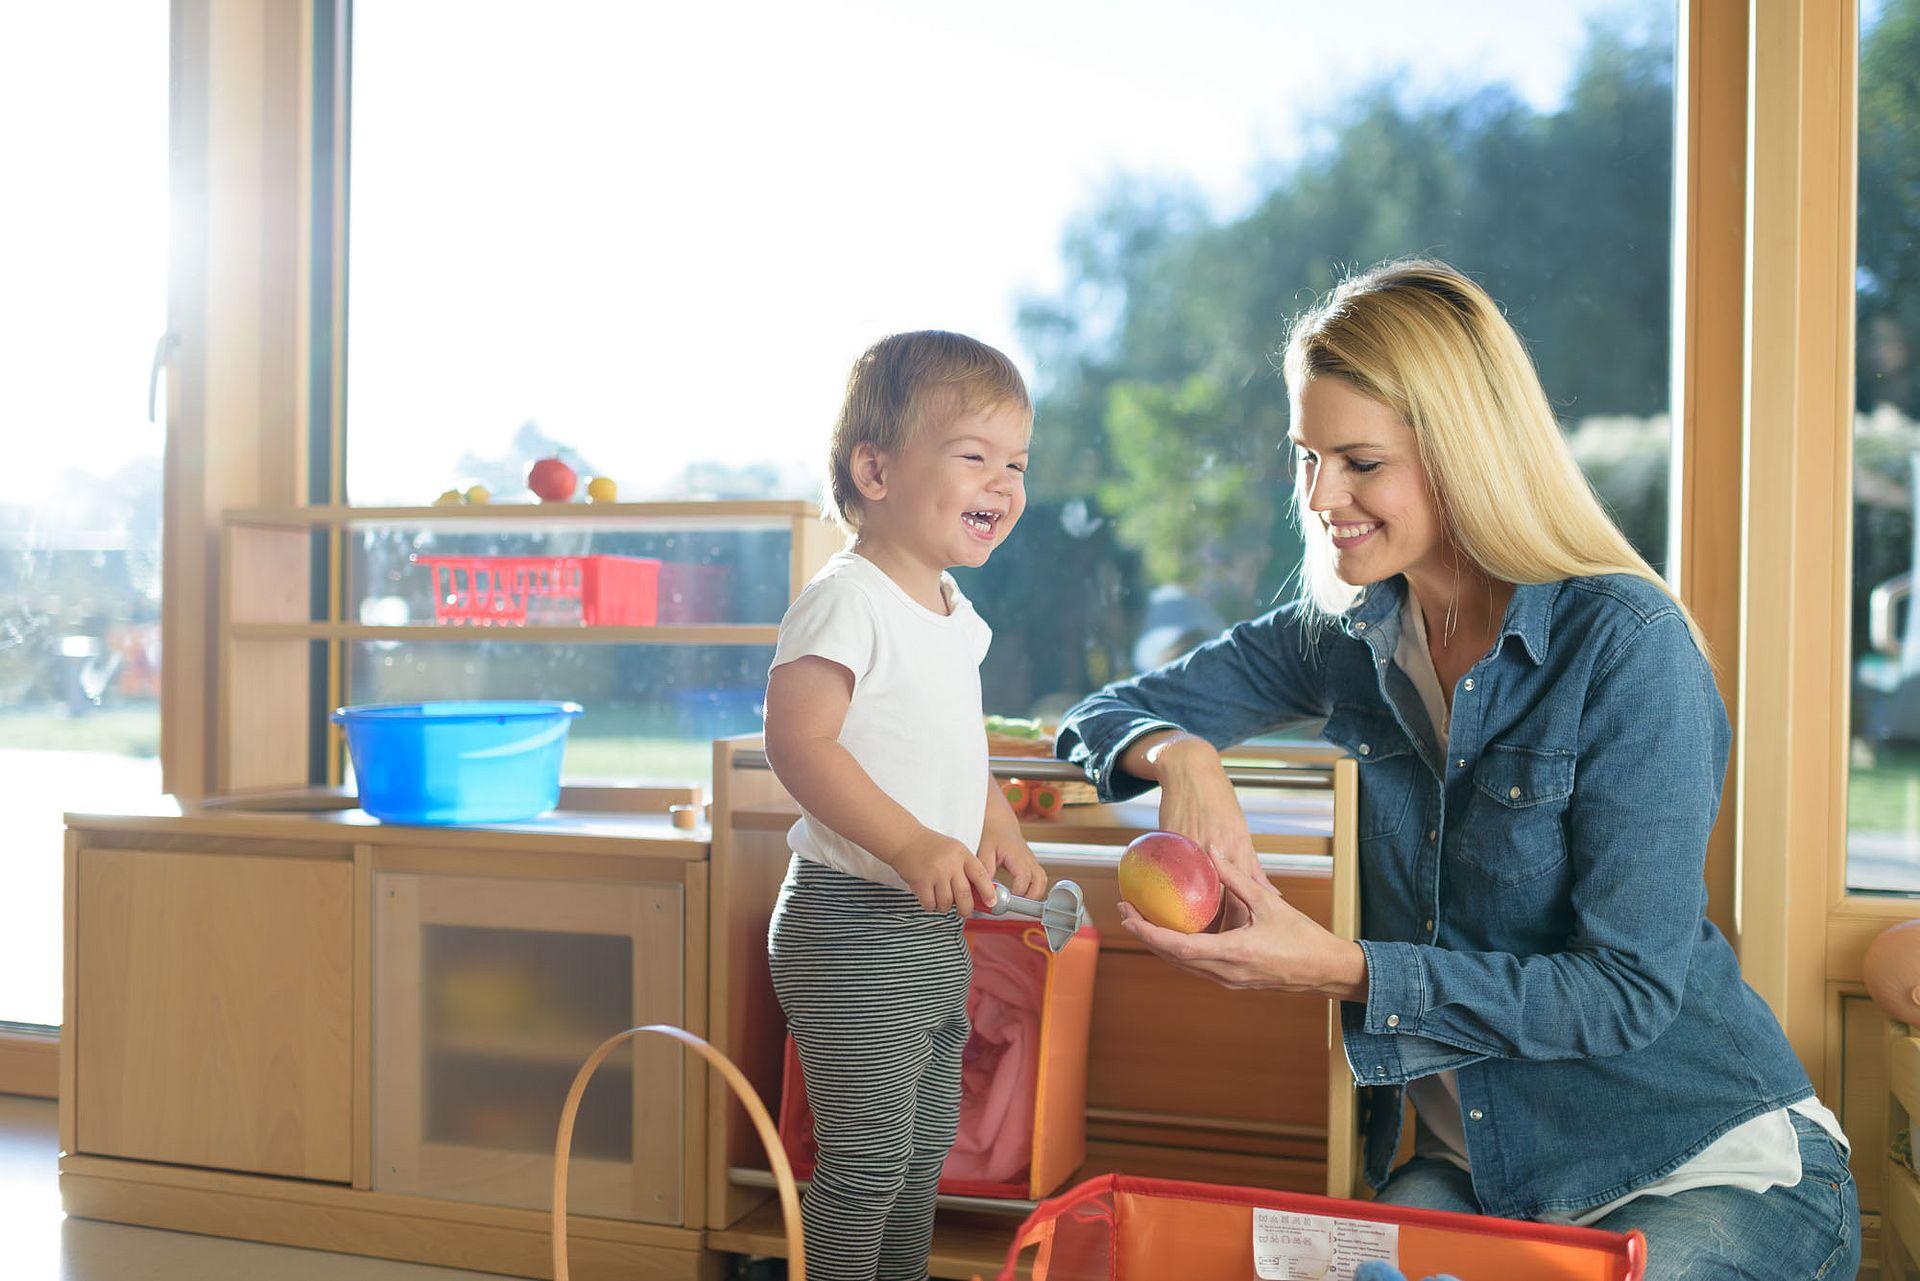 Mama mit lächelndem Kind in der Spielküche